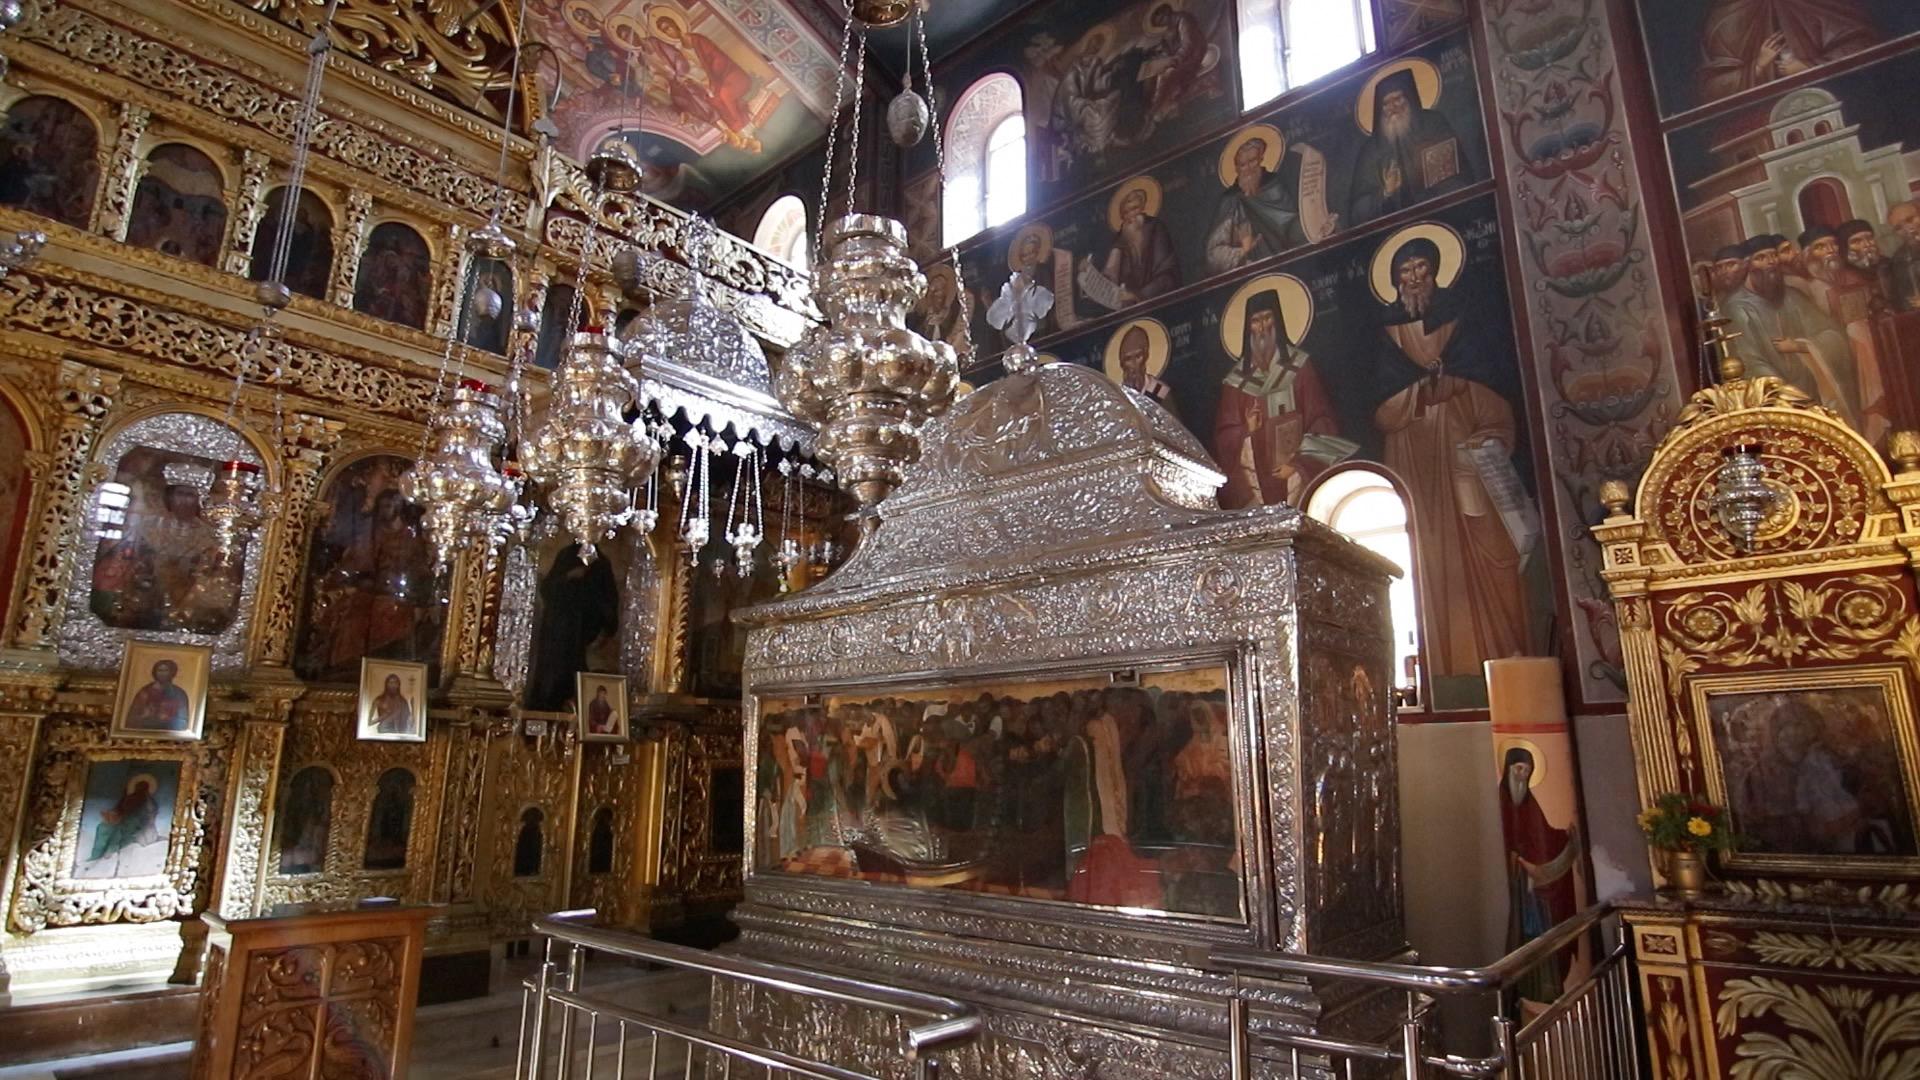 Το σκήνωμα του Αγίου στην Ιερά Μονή Αγίου Γερασίμου Κεφαλονιάς